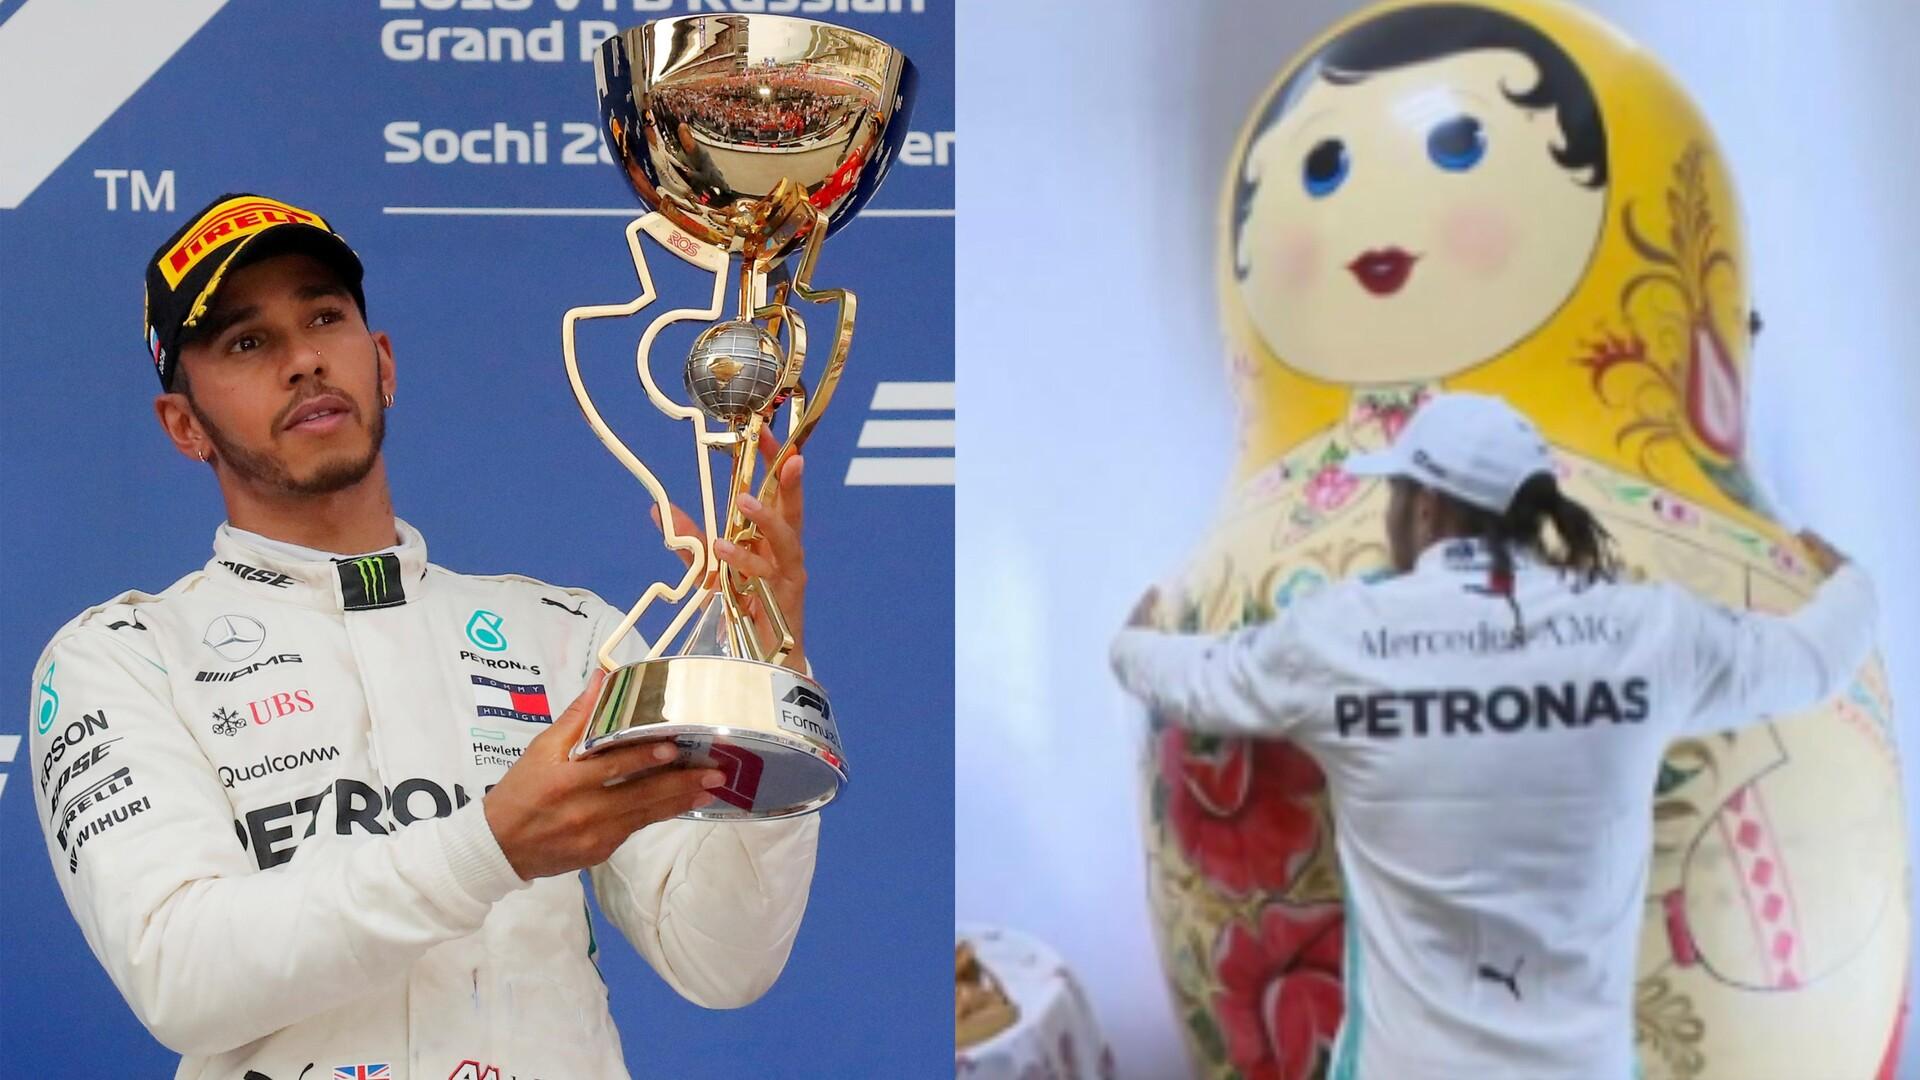 هاميلتون يتوج بسباق جائزة روسيا الكبرى وينهي سلسلة انتصارات فيراري